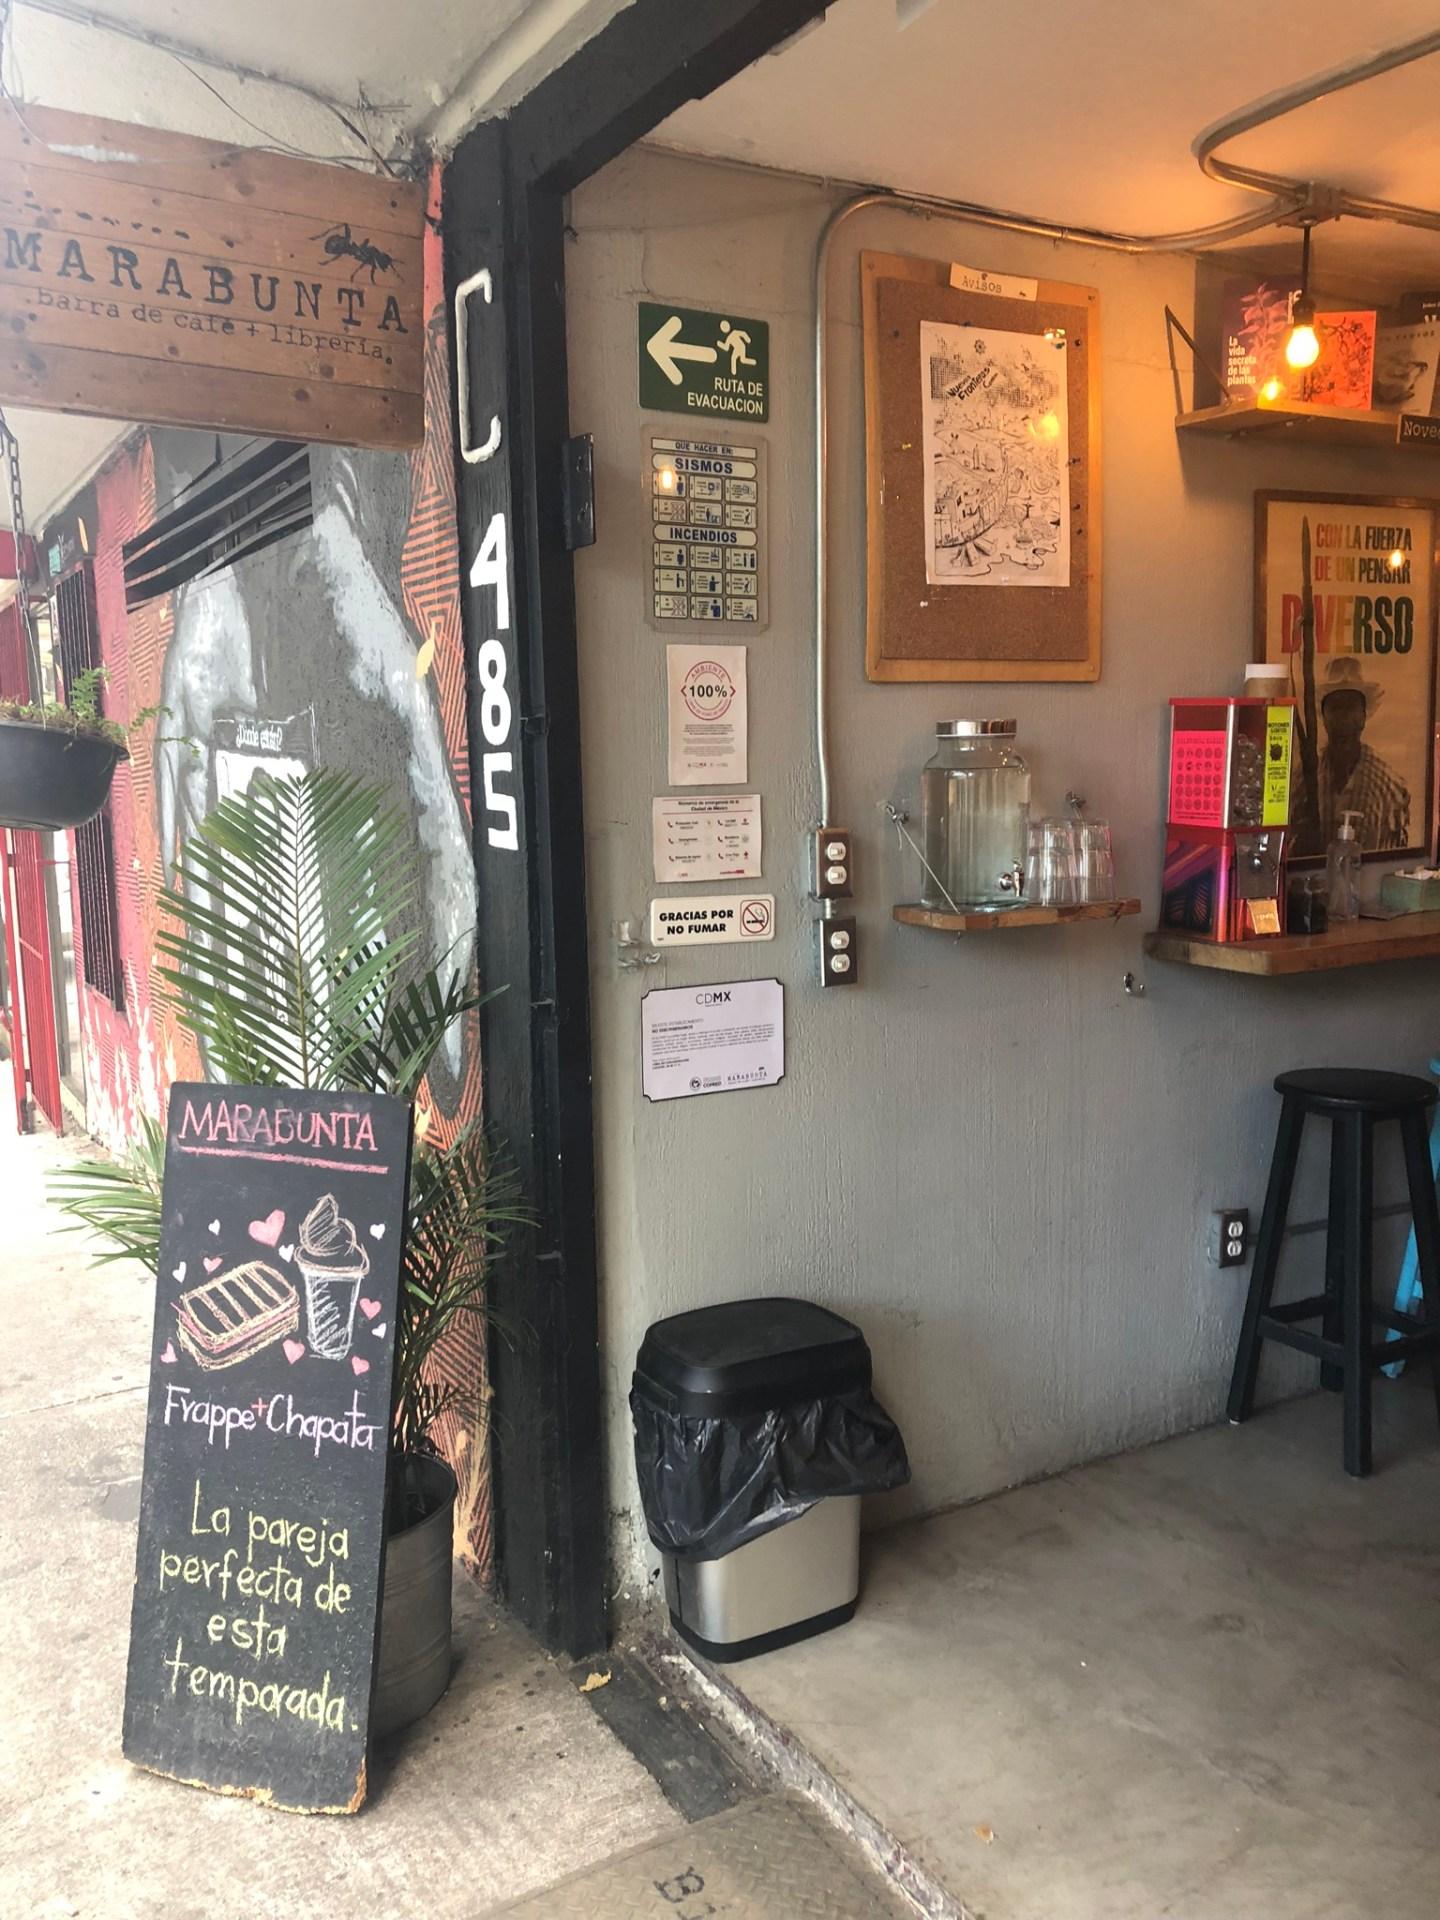 Marabunta Cafe, Mexico City